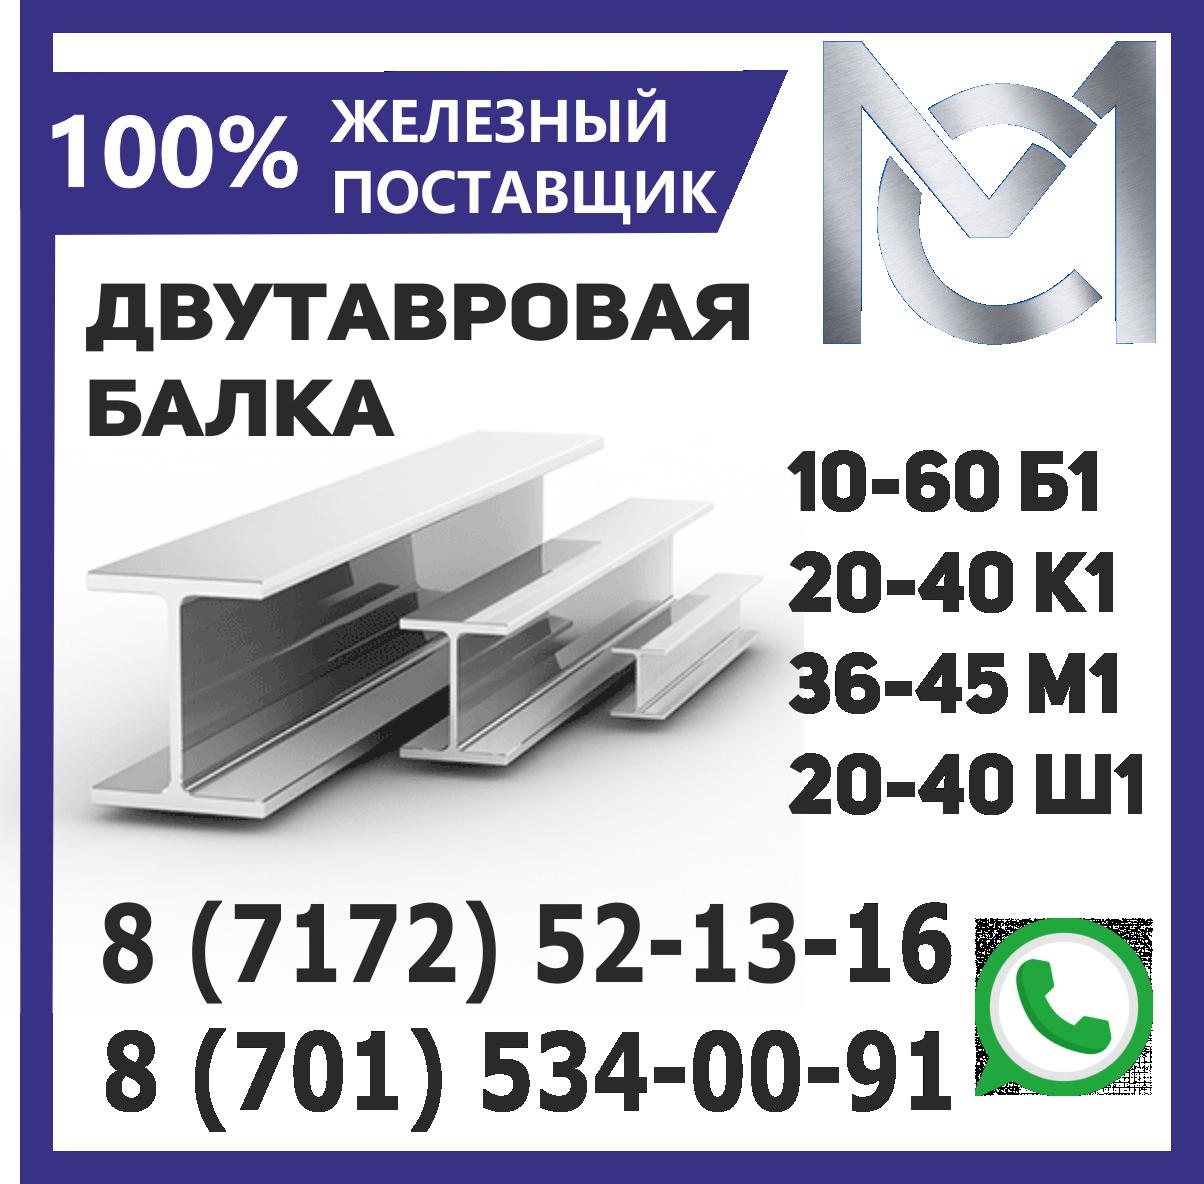 Балка 35 Б1 двутавровая ГОСТ 8239-93 L 12,0 метров